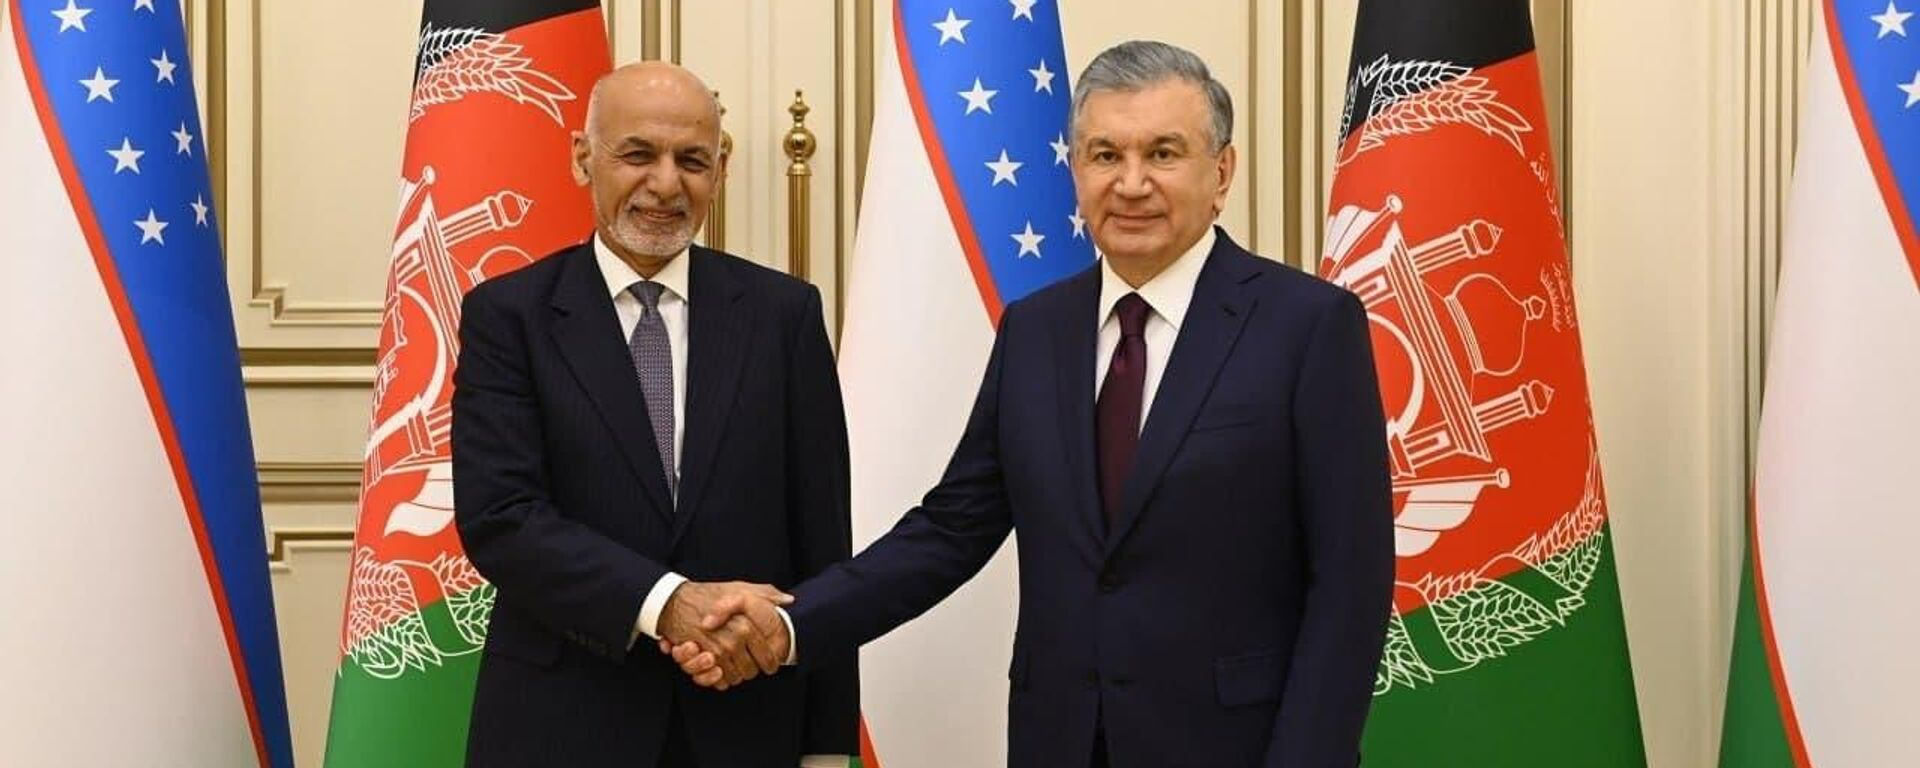 Президент Республики Узбекистан Шавкат Мирзиёев 15 июля встретился с Президентом Исламской Республики Афганистан Ашрафом Гани - Sputnik Узбекистан, 1920, 15.07.2021